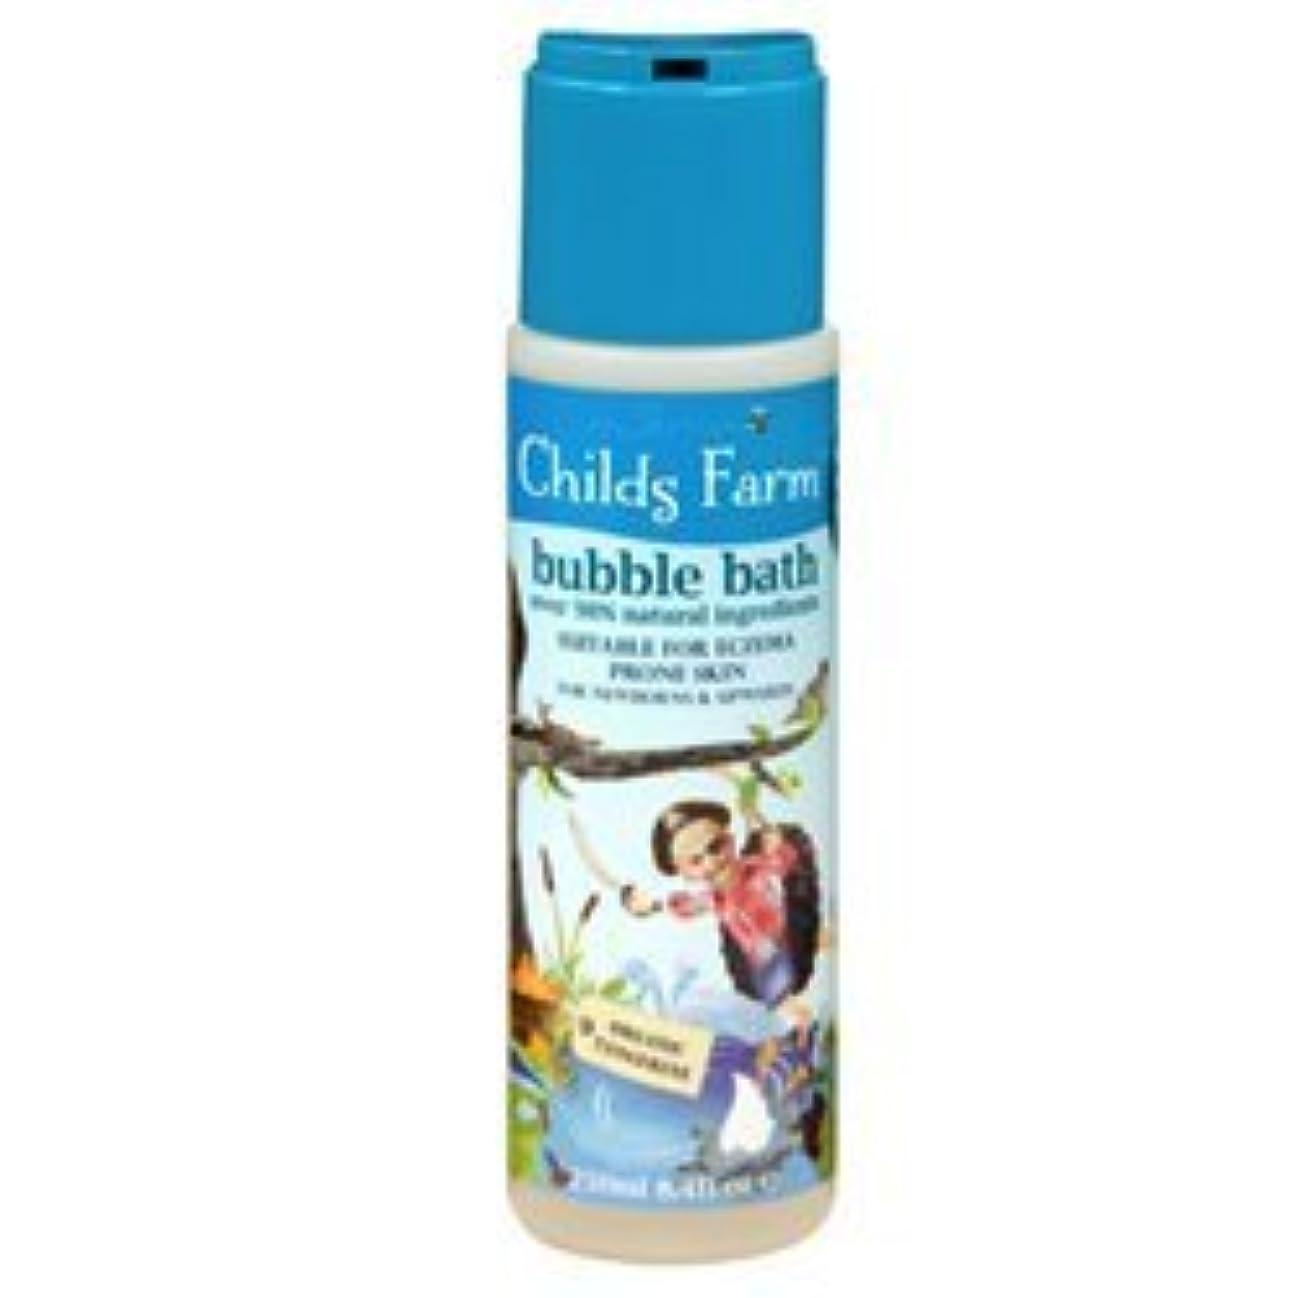 メガロポリス精神社会主義者Childs Farm Bubble bath for Buccaneers 250ml x 1 by Childs Farm [並行輸入品]